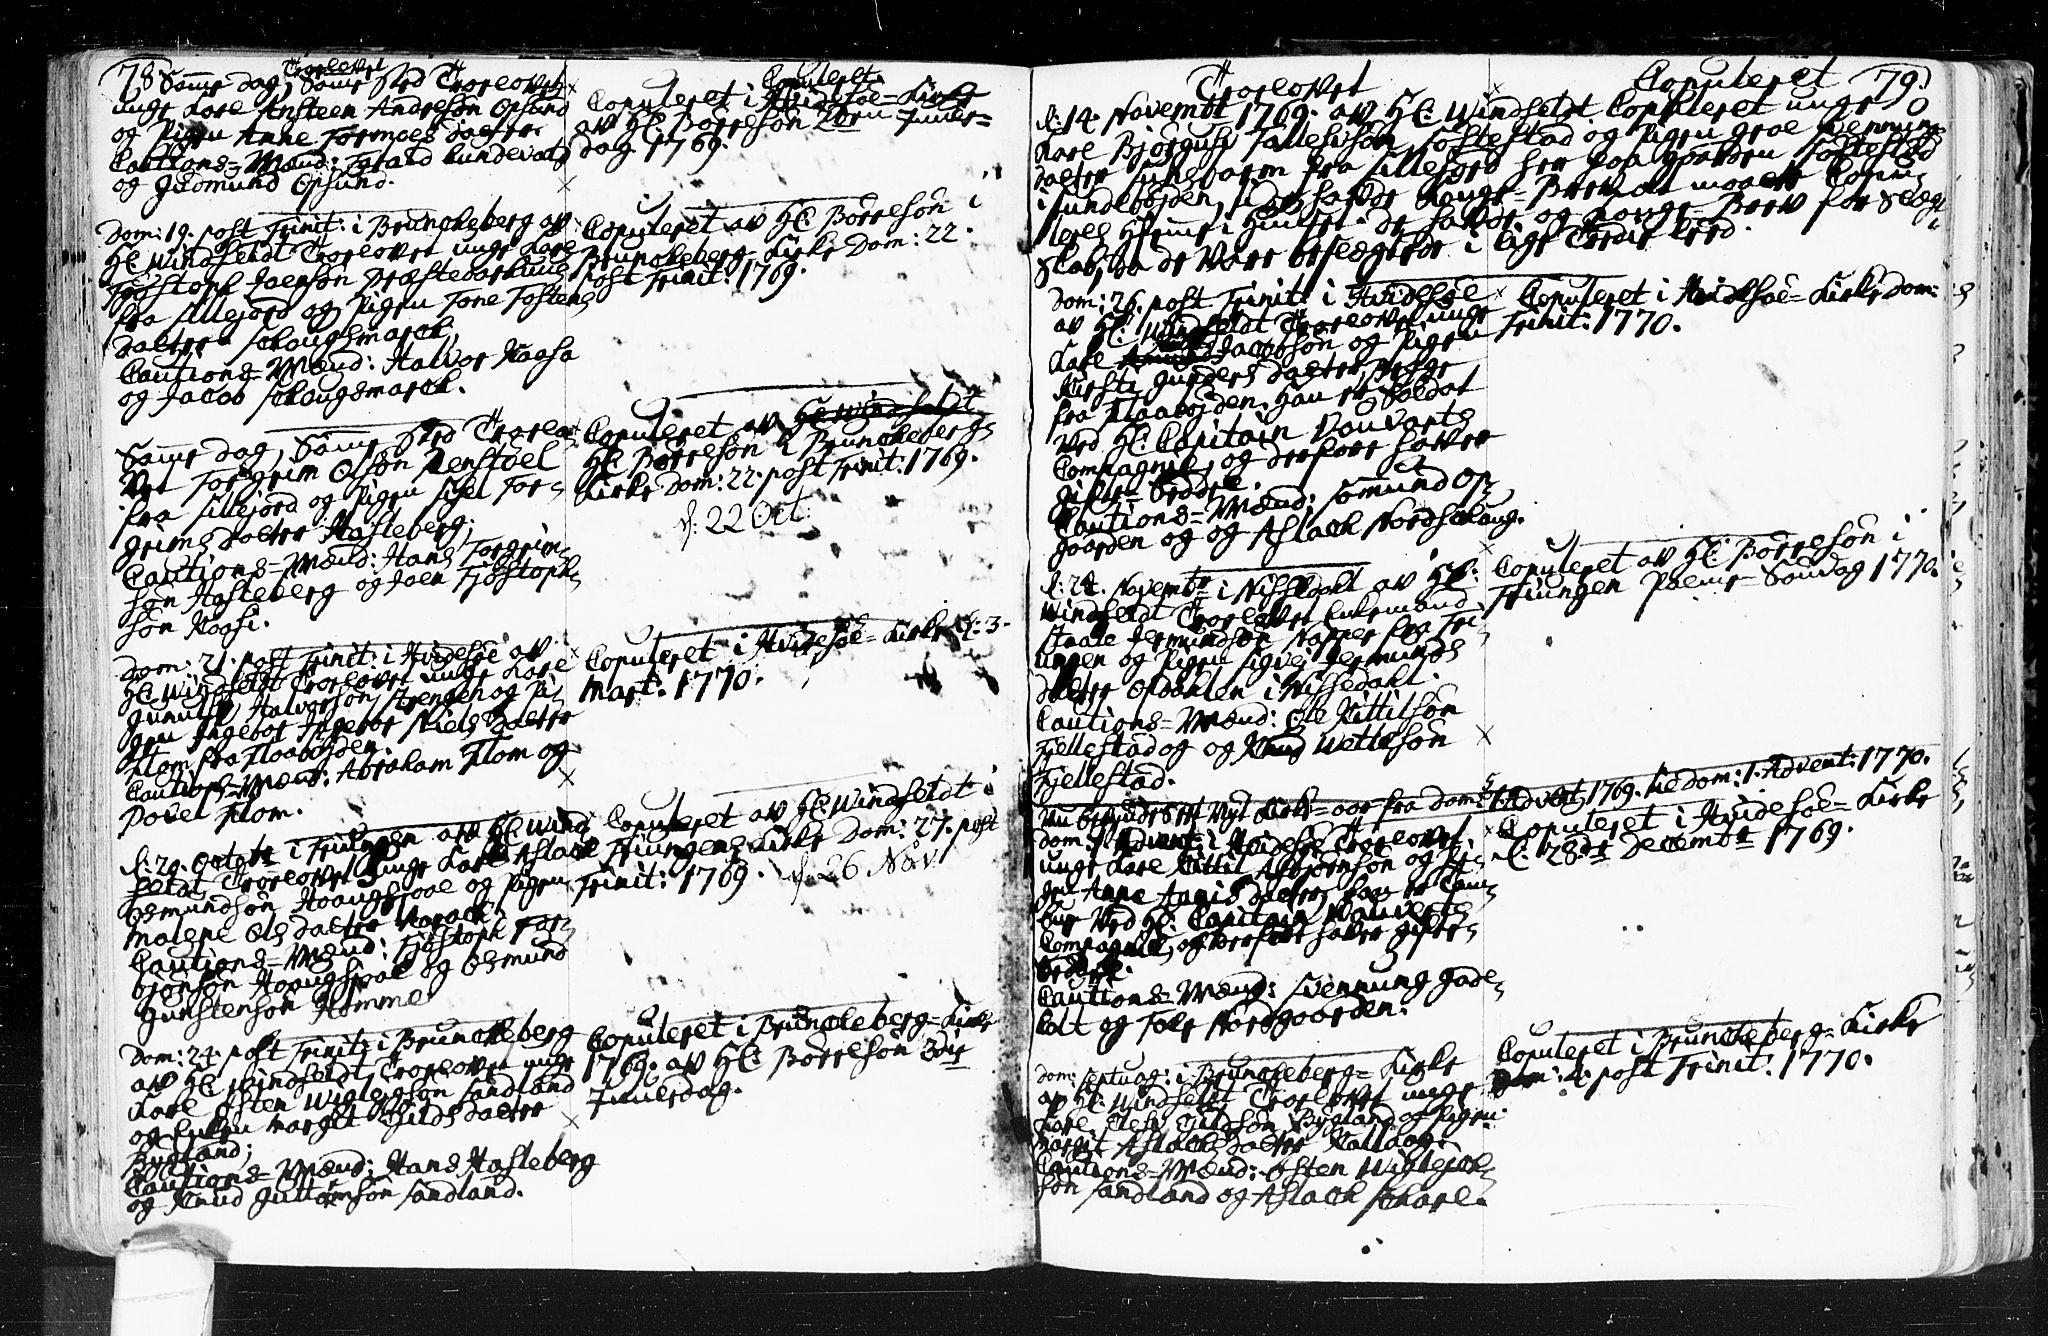 SAKO, Kviteseid kirkebøker, F/Fa/L0001: Ministerialbok nr. I 1, 1754-1773, s. 78-79